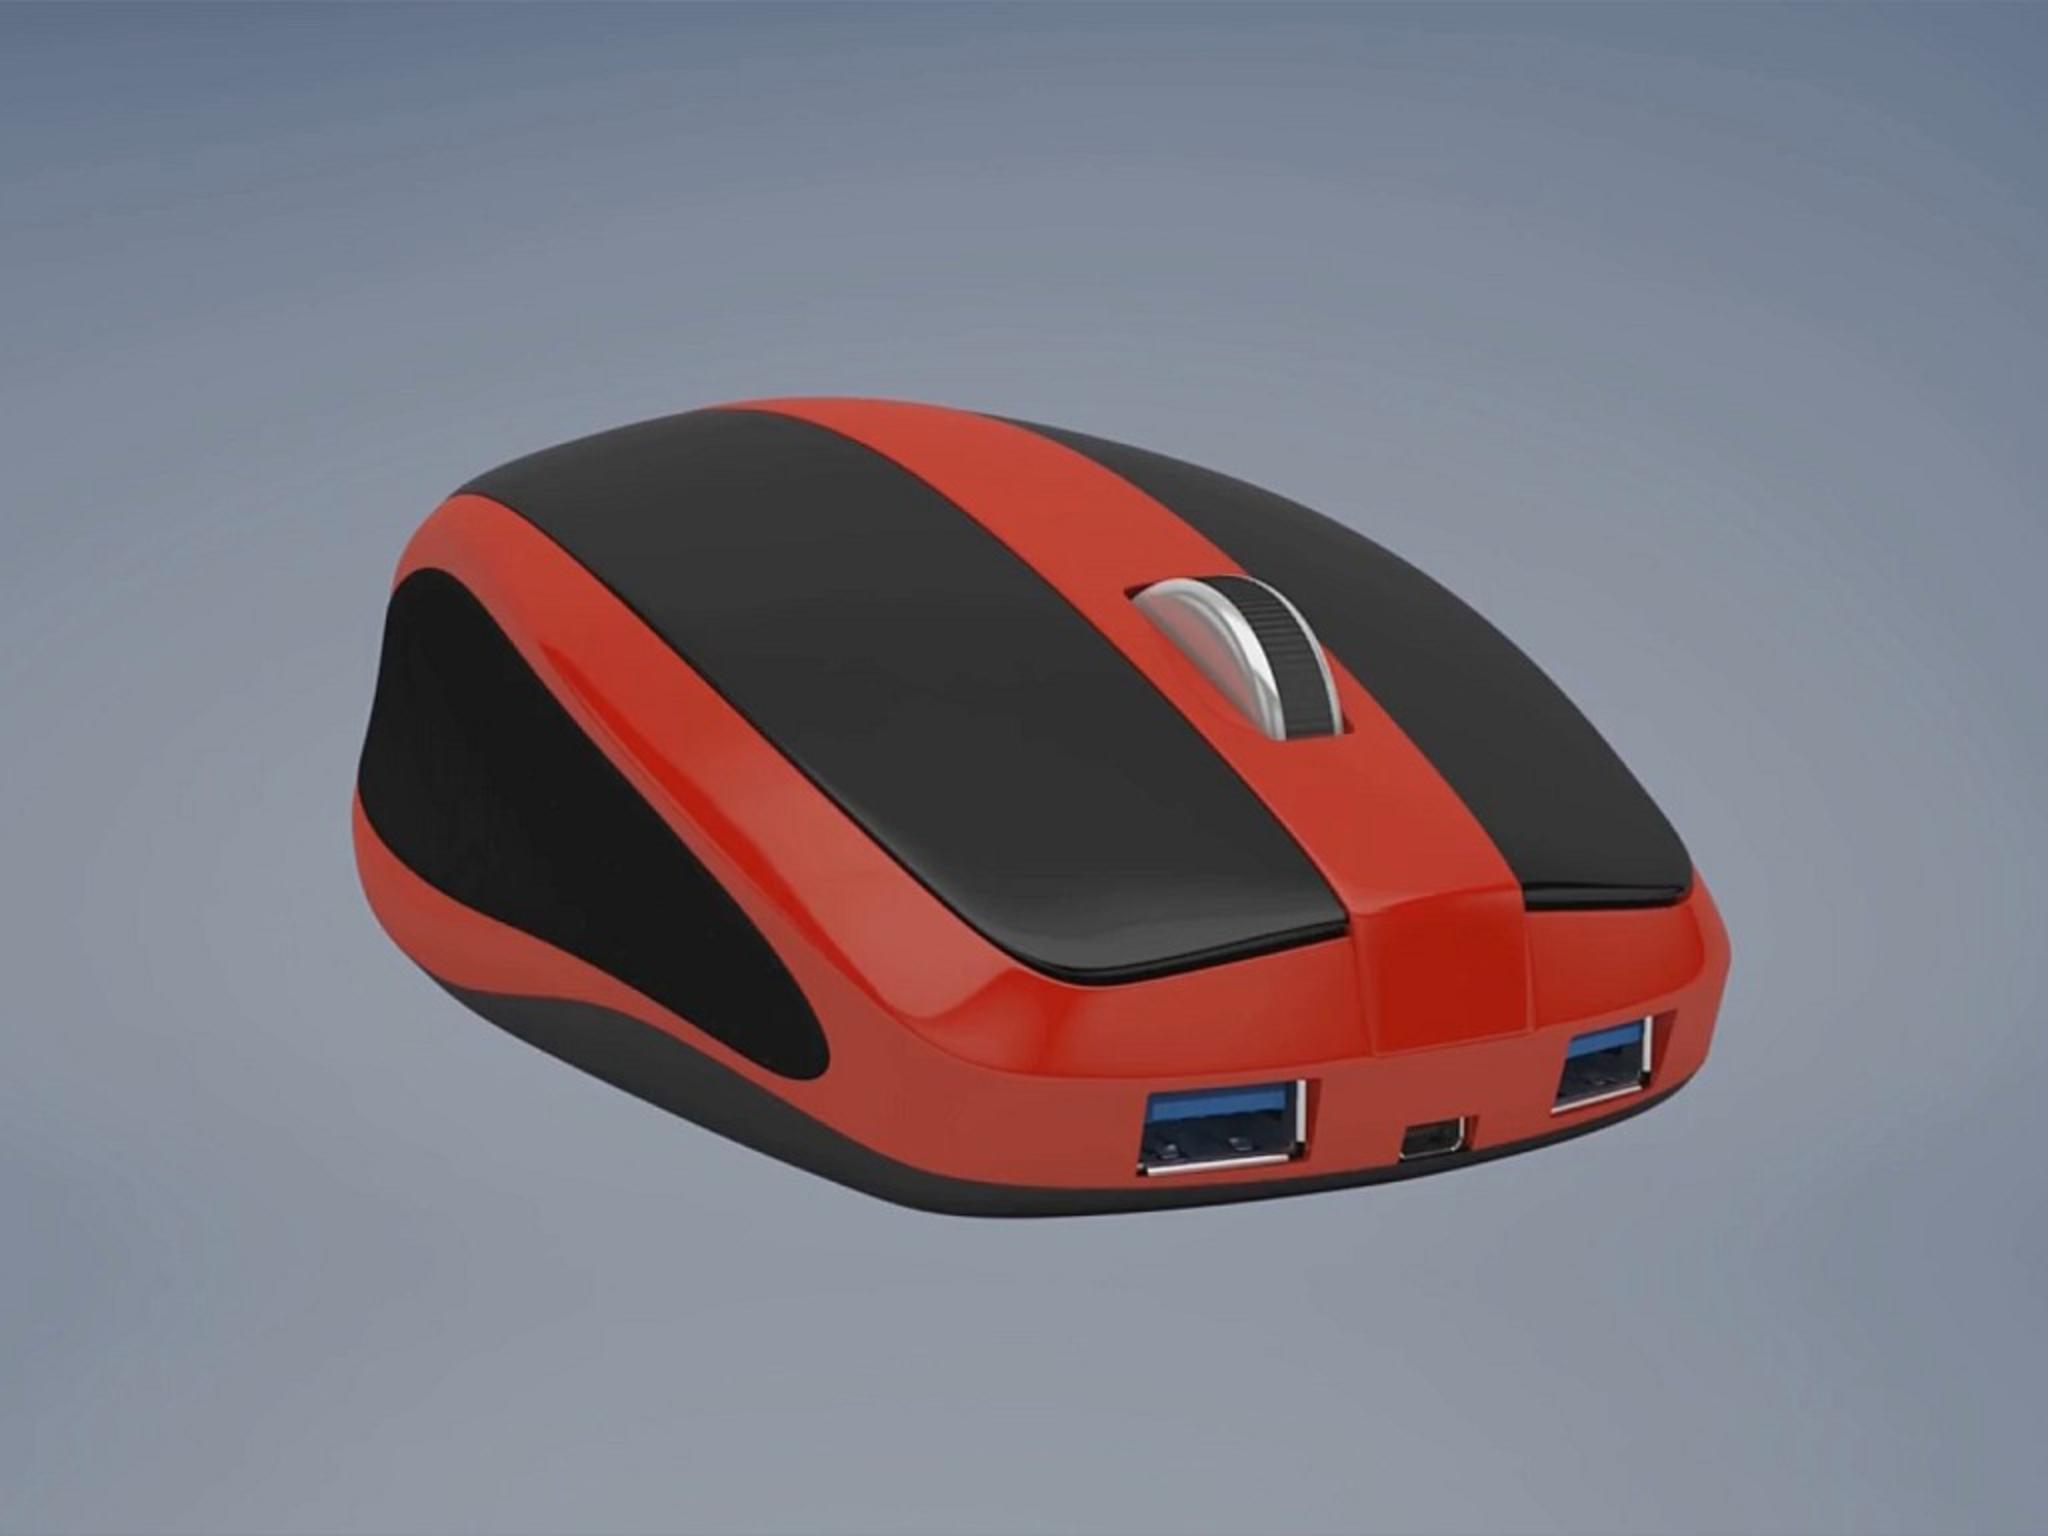 PC-Maus und Rechner in einem: Das ist die Mouse-Box.